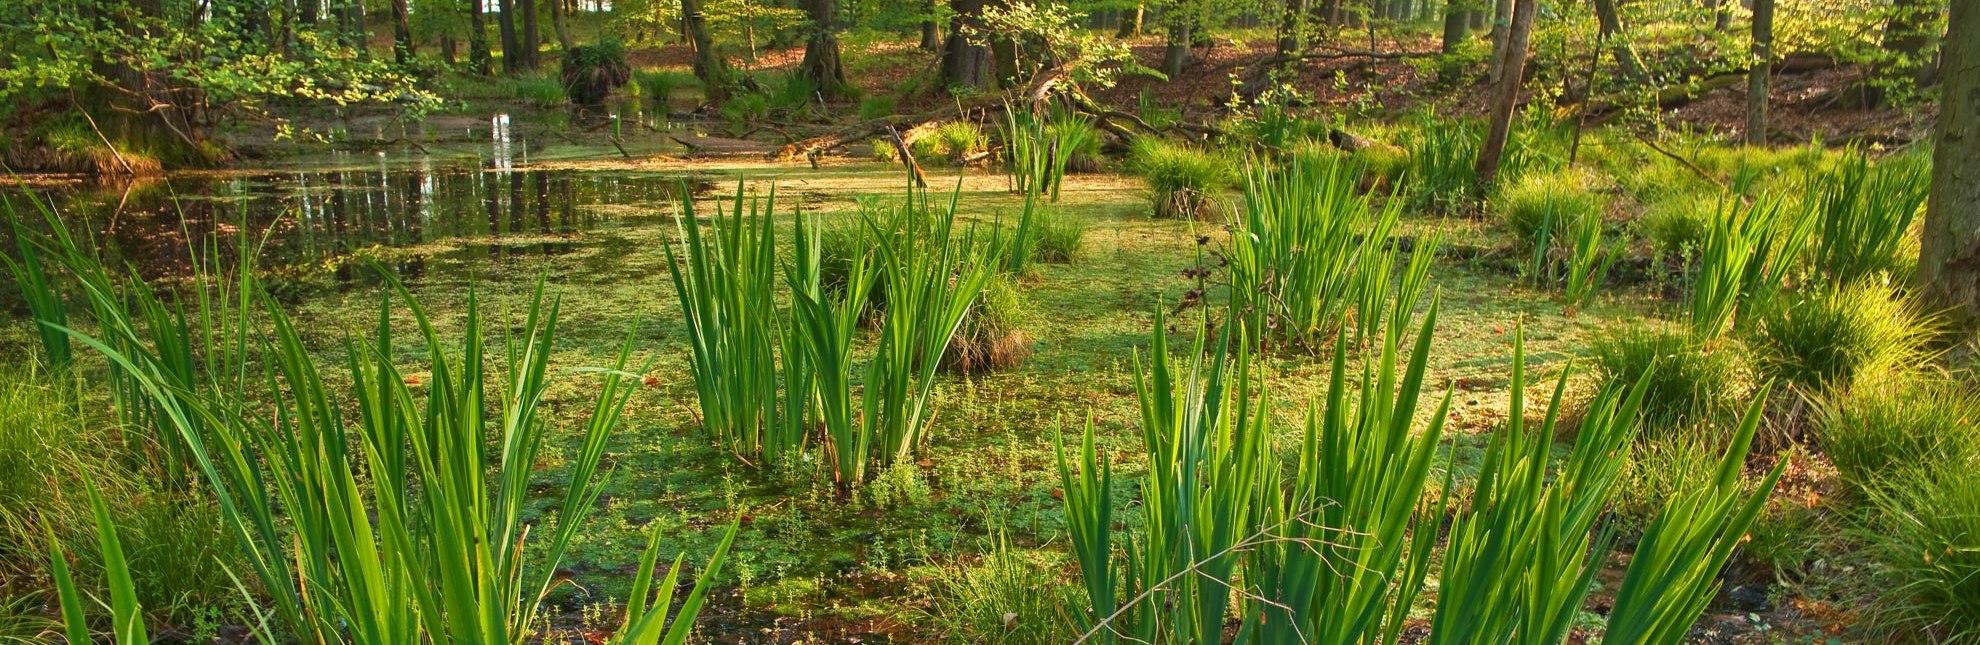 Das Sumpfgebiet Kamerun in der Nähe von Mölln, © Thomas Ebelt / HLMS GmbH